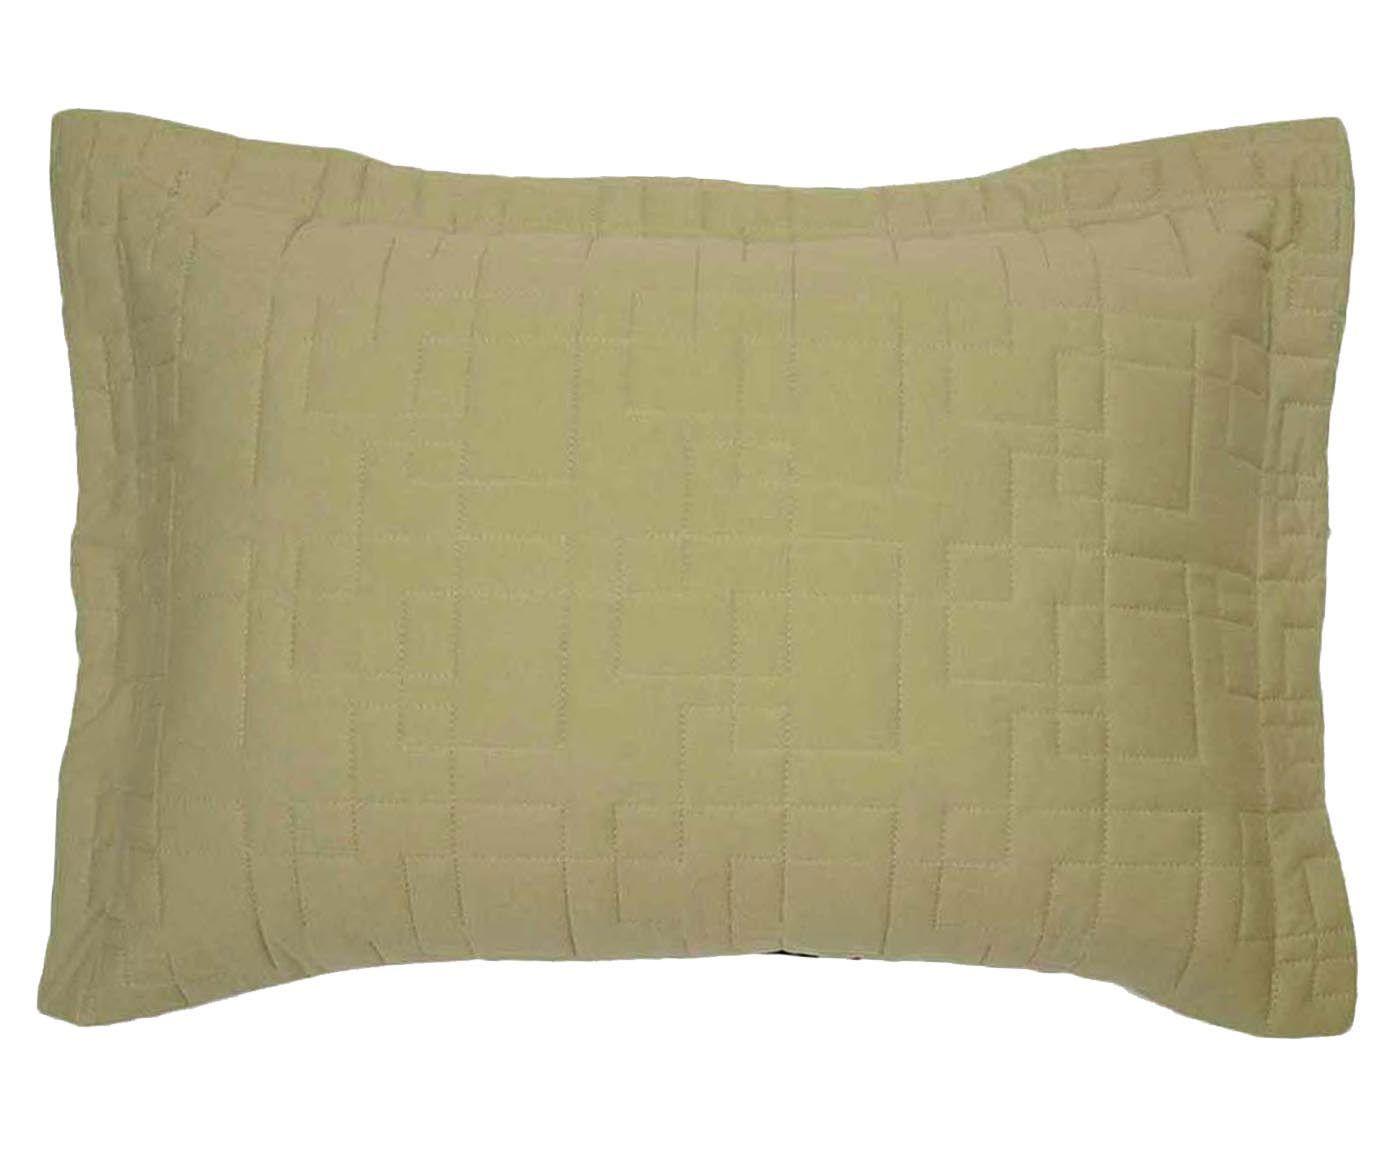 Porta-travesseiro colorado - atacama | Westwing.com.br